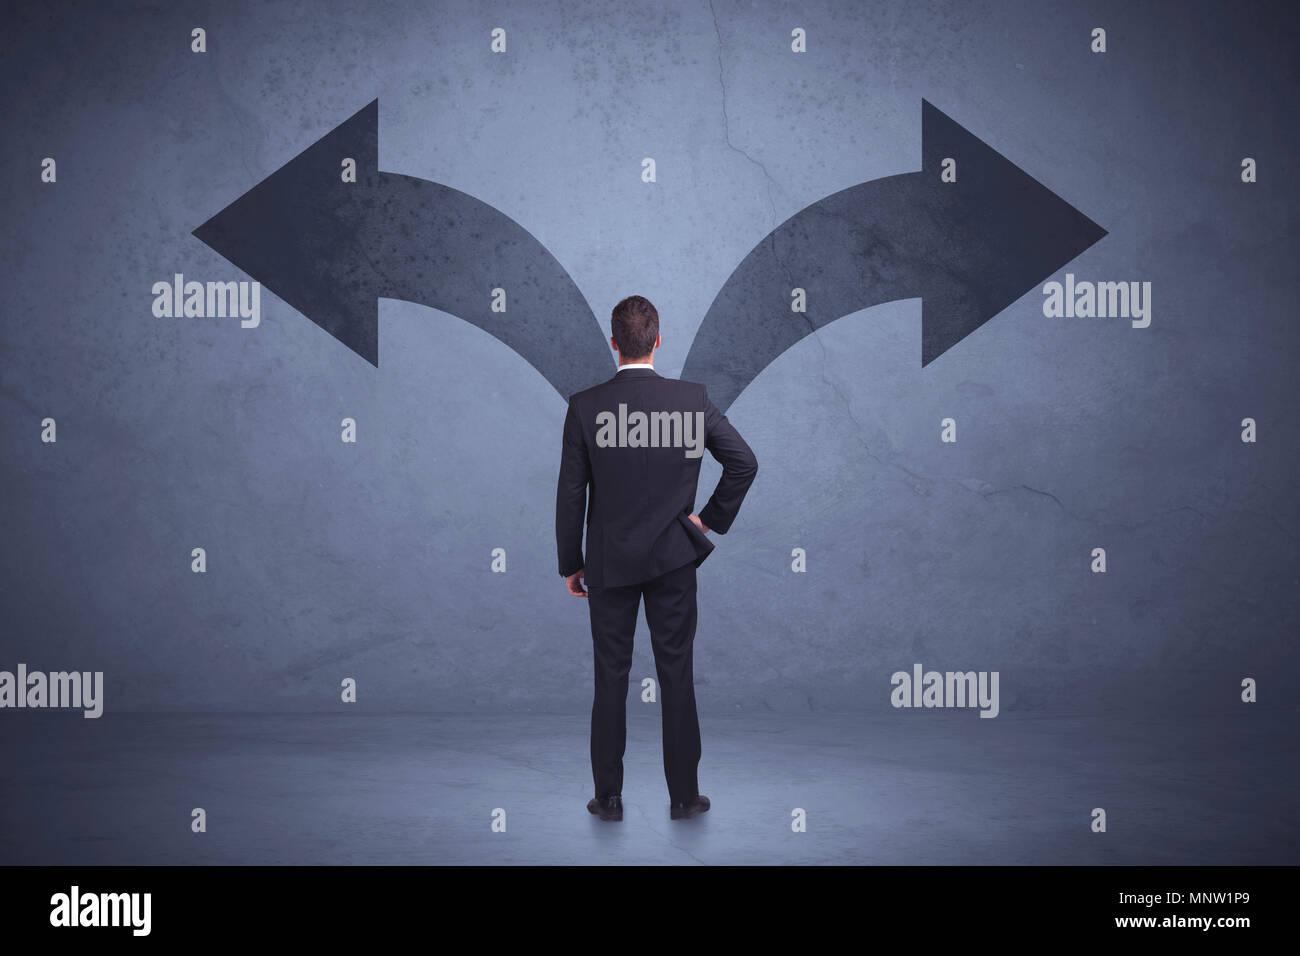 El empresario tomar una decisión mientras mira las flechas en la pared de fondo concepto Foto de stock